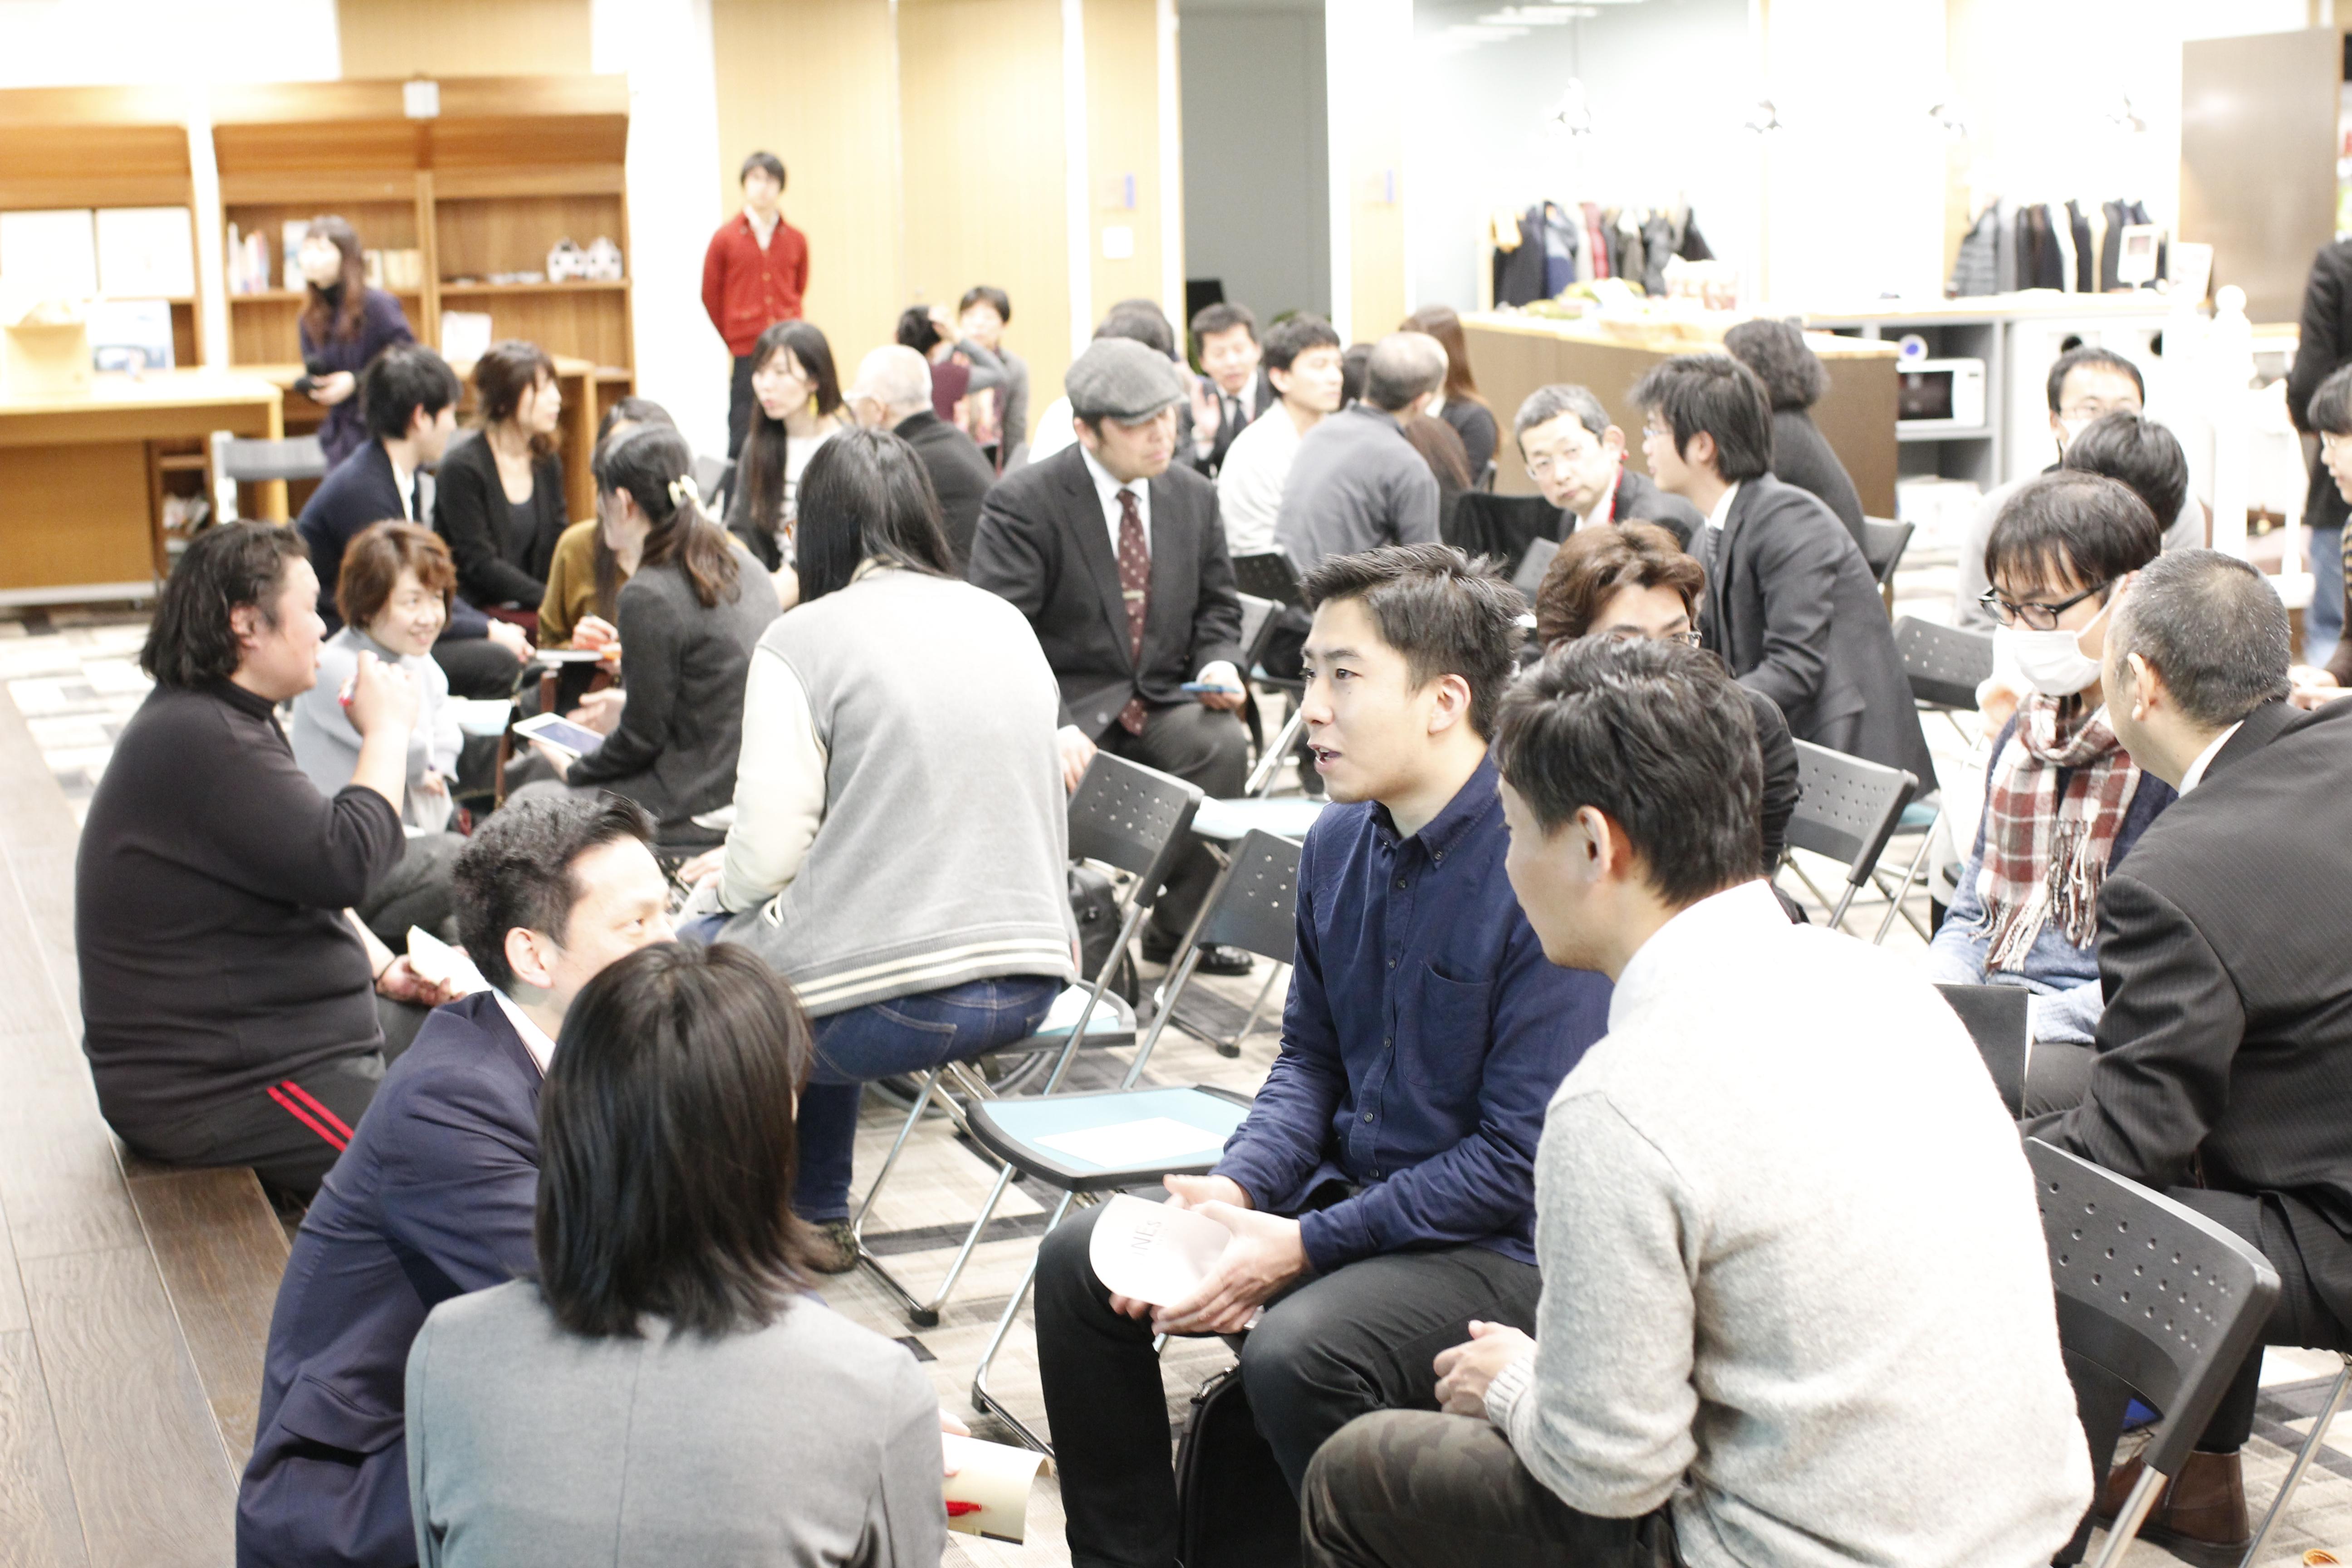 【写真】参加者同士で議論する様子。どのグルーオプも笑顔を見せながら、リラックスした様子で話し合っている